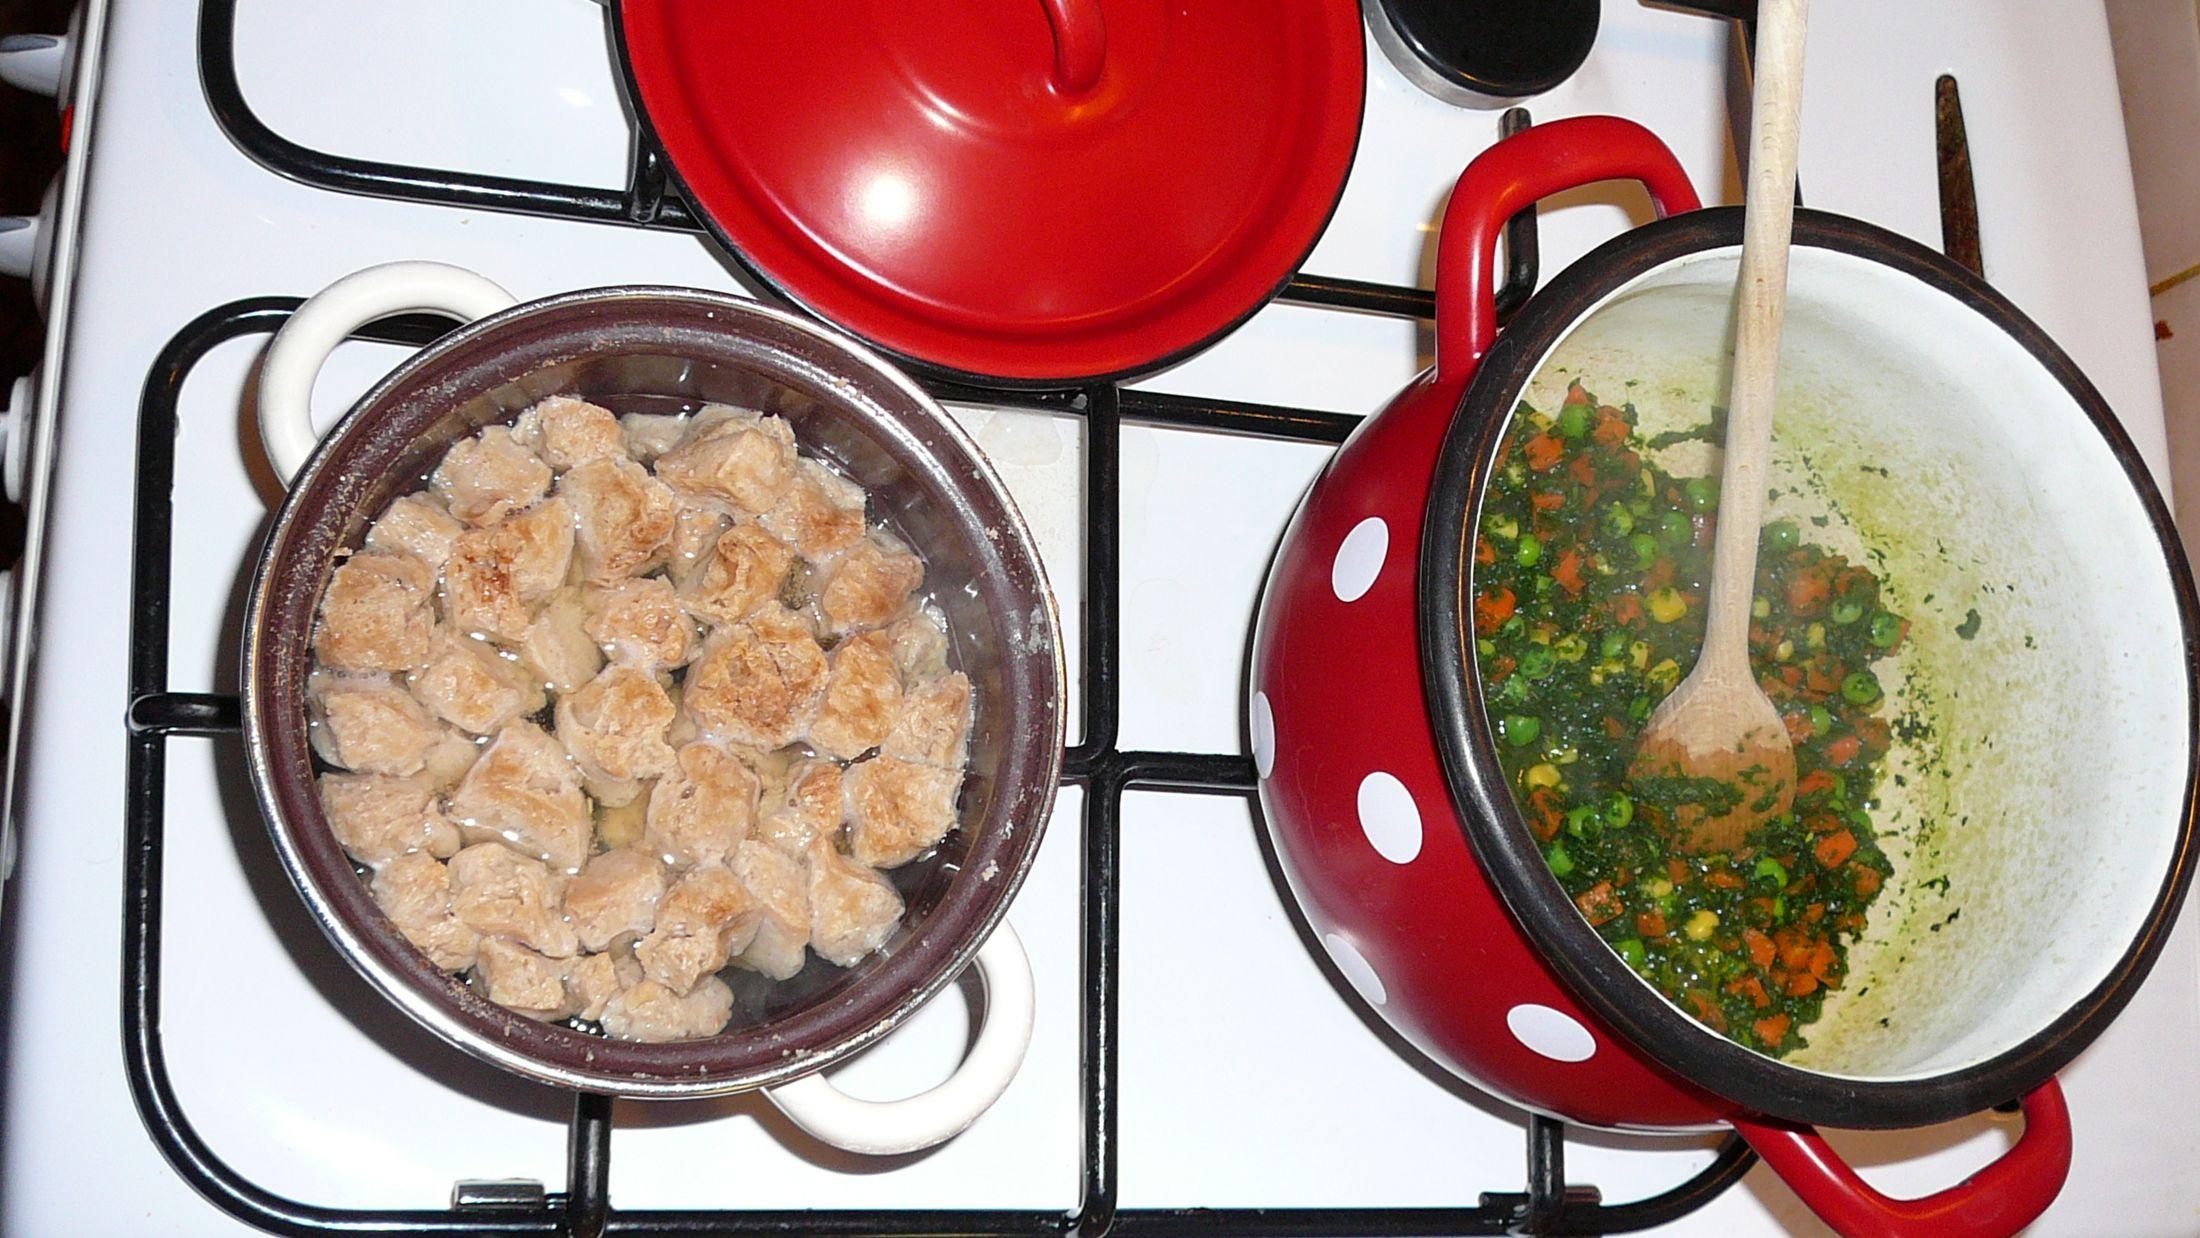 Recept Zeleninové placky se špenátem a sójovým masem - vaření surovin